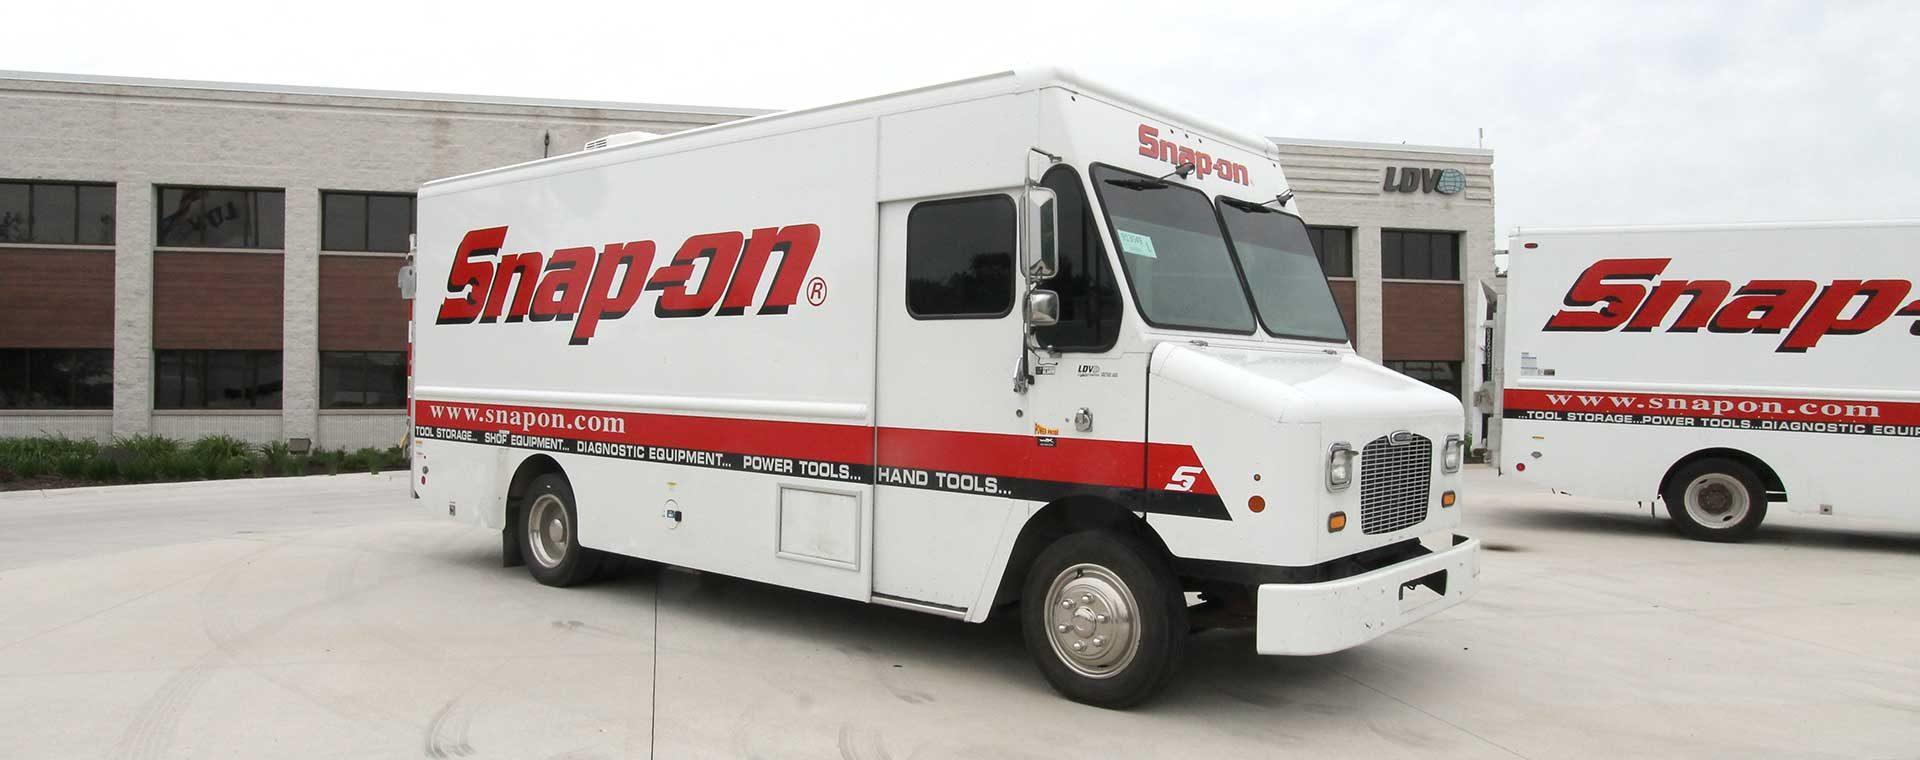 mt45 used tool truck sale